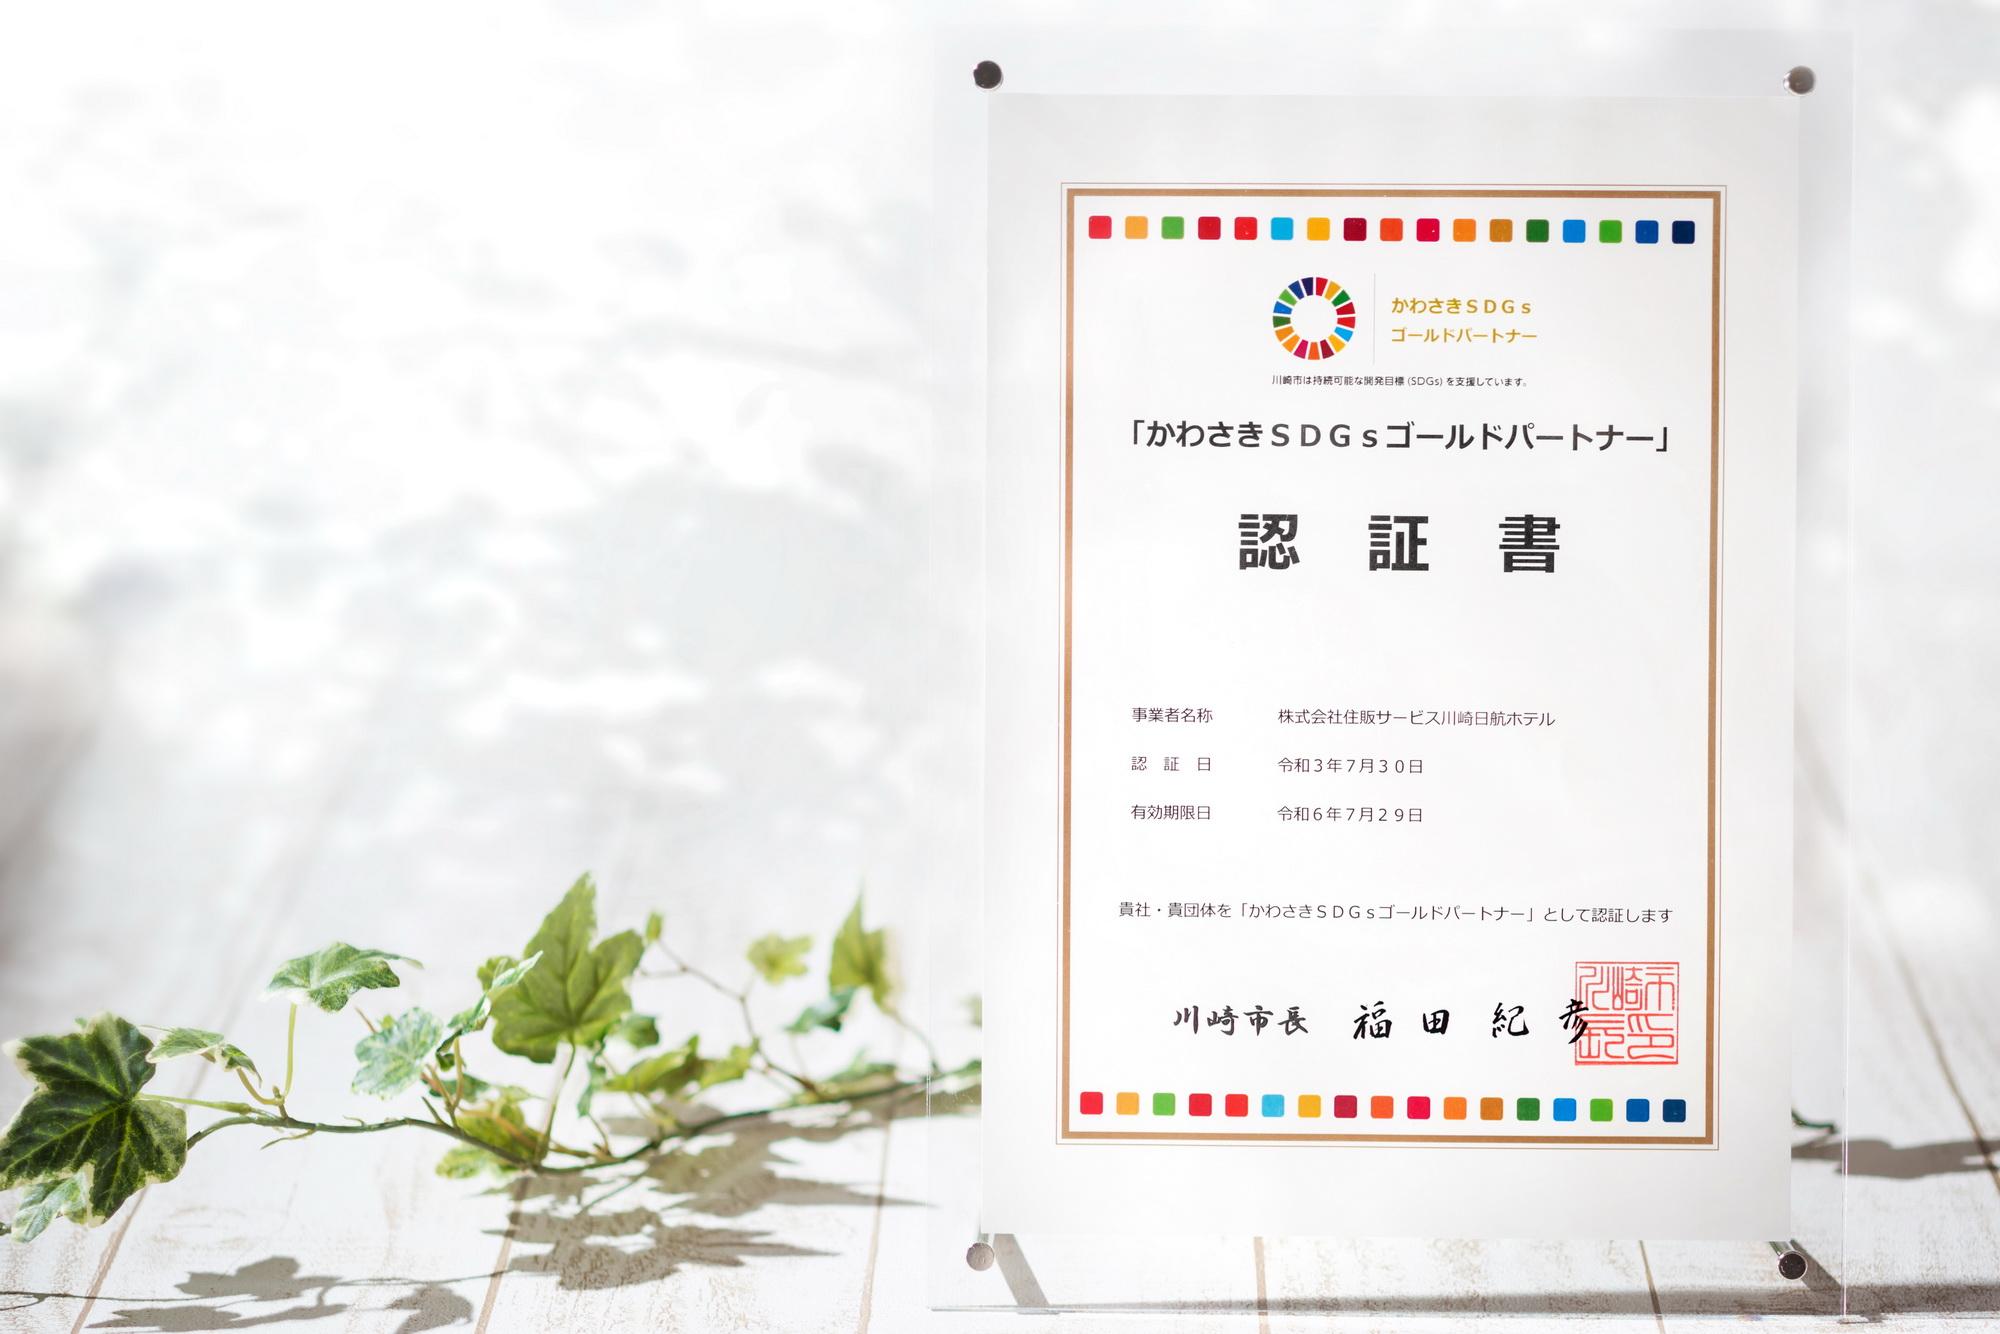 川崎市SDGs登録・認証制度の「かわさきSDGsゴールドパートナー」取得